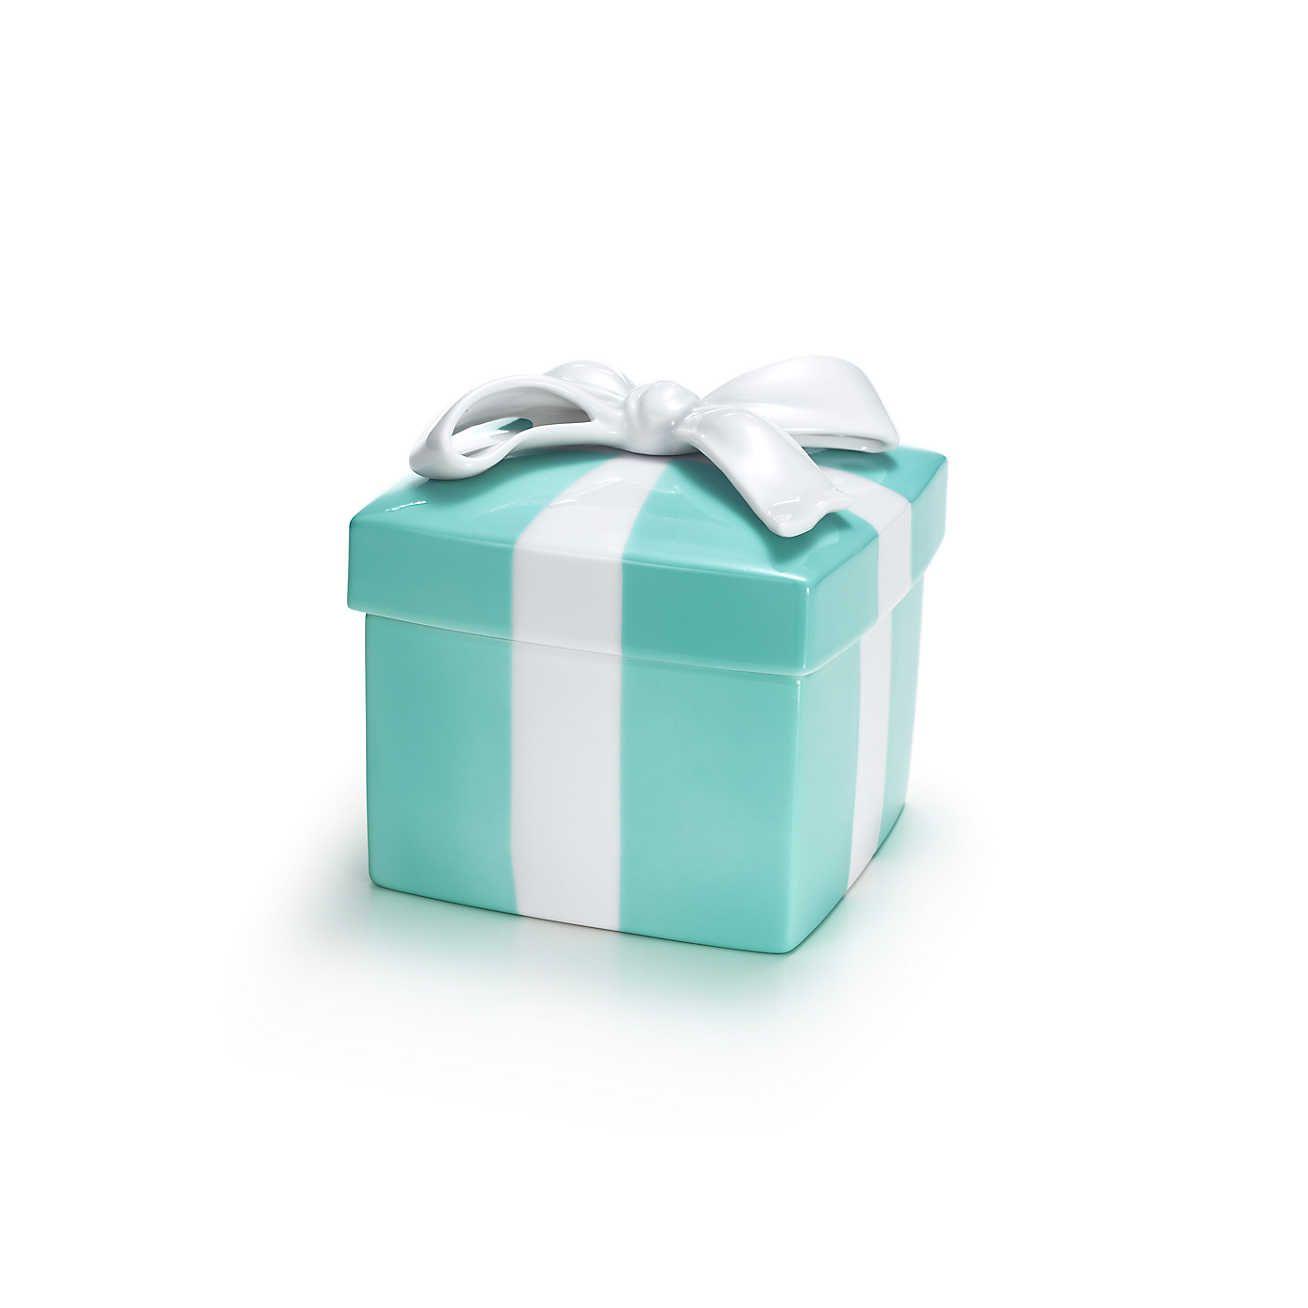 Tiffany Blue Box   Tiffany blue box, Tiffany blue and Tiffany